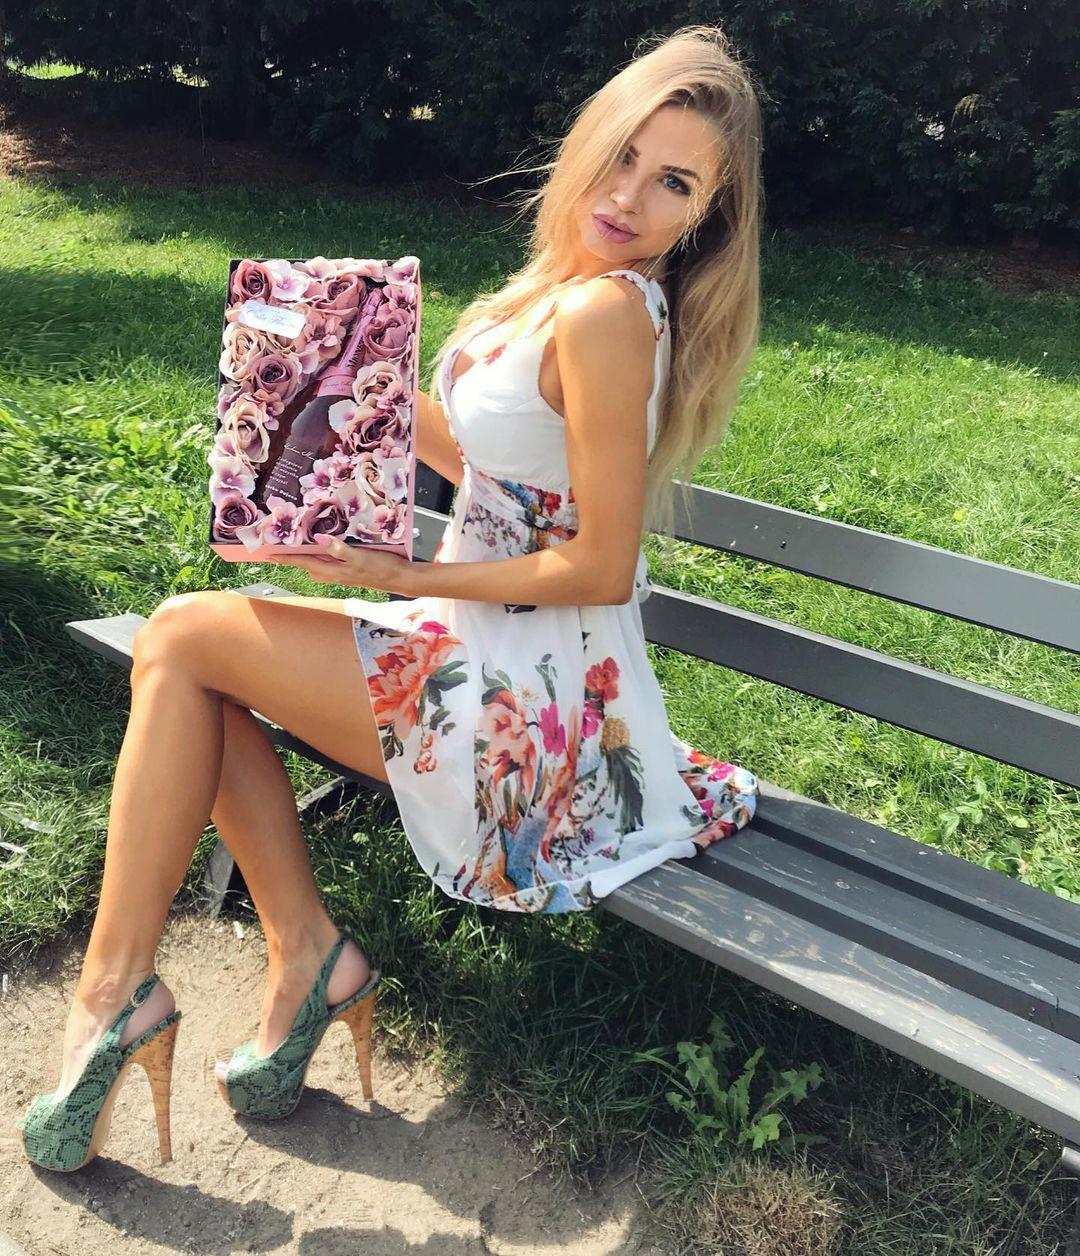 Dajana-Kramarczyk-Wallpapers-Insta-Fit-Bio-2